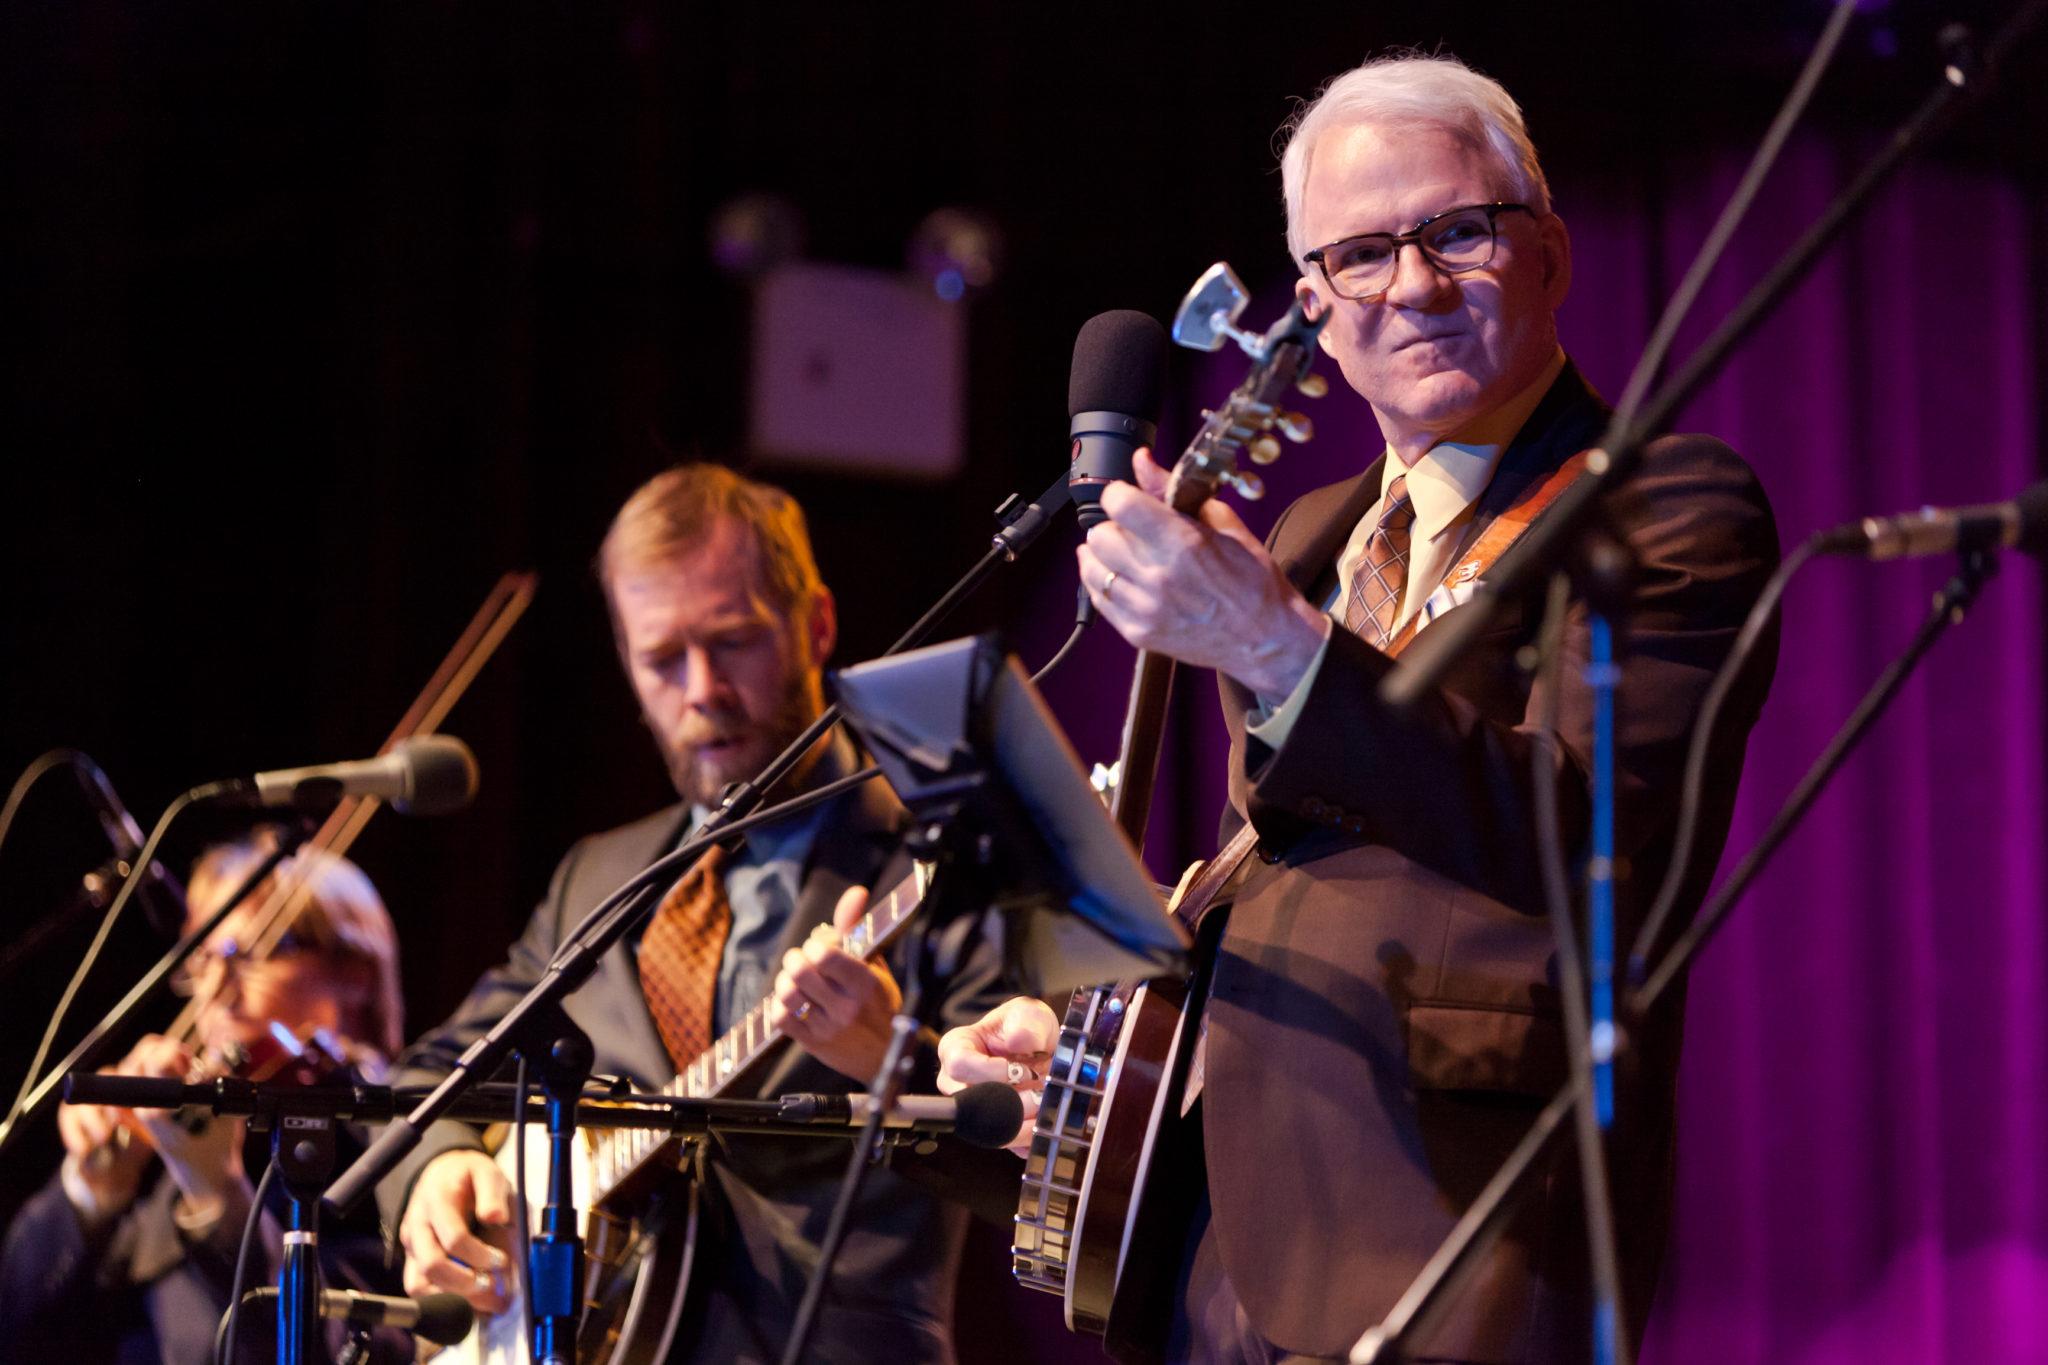 Steve Martin performs at the Highline Ballroom in New York City on March 14, 2011. (Jens Schott Knudsen/Flicker)